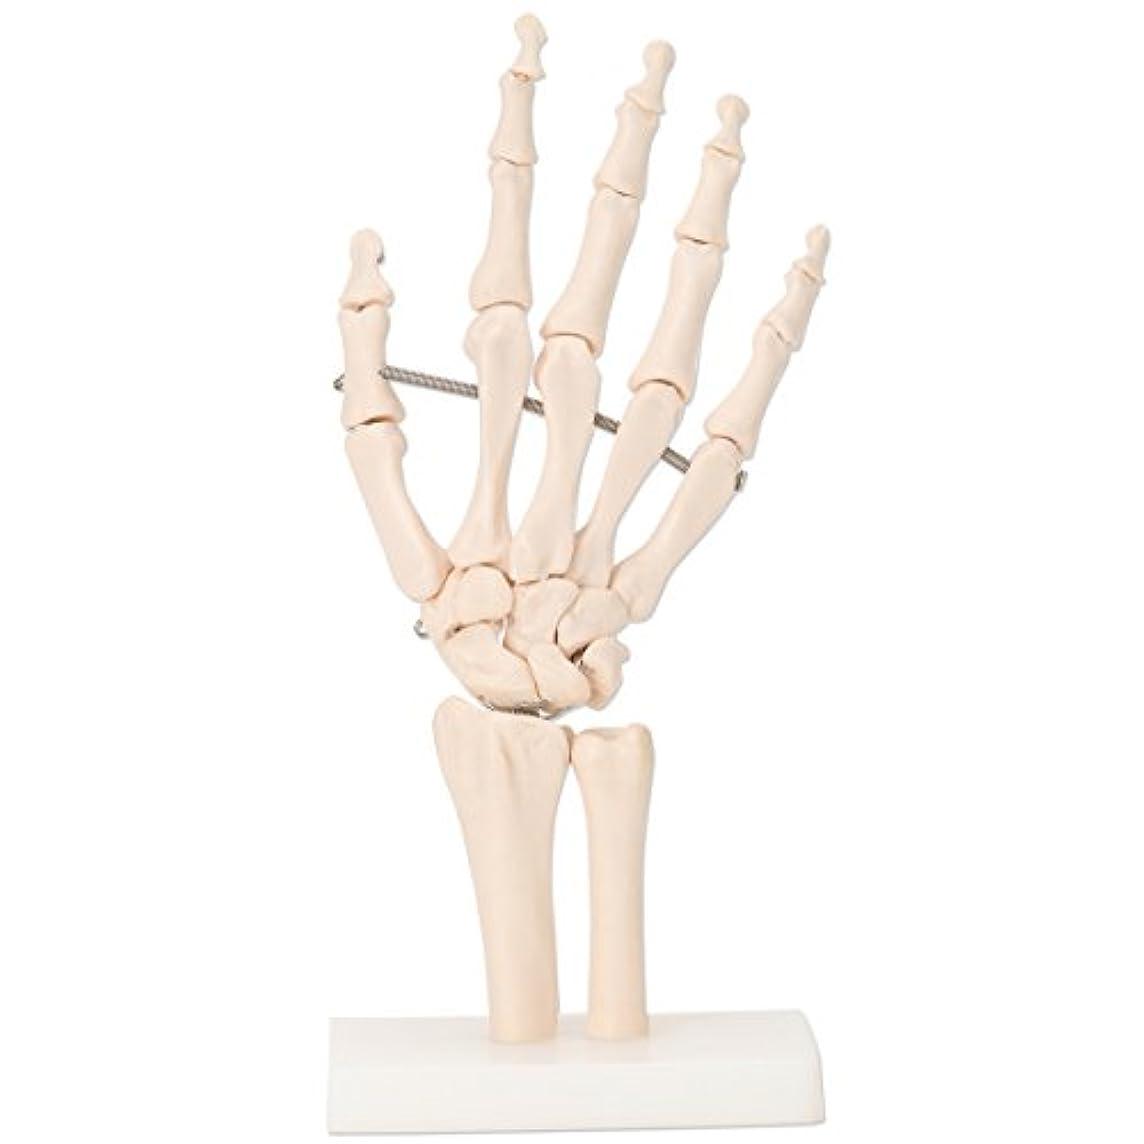 あなたが良くなります怠な軍艦7ウェルネ 手関節模型 実物大 [ 人体模型 骨格模型 骨格標本 骨模型 骸骨模型 人骨模型 骨格モデル 人体モデル ヒューマンスカル 人体 骨格 骸骨 ガイコツ 模型 可動 右手 手 教材 実験 整体院 鍼灸院 ]